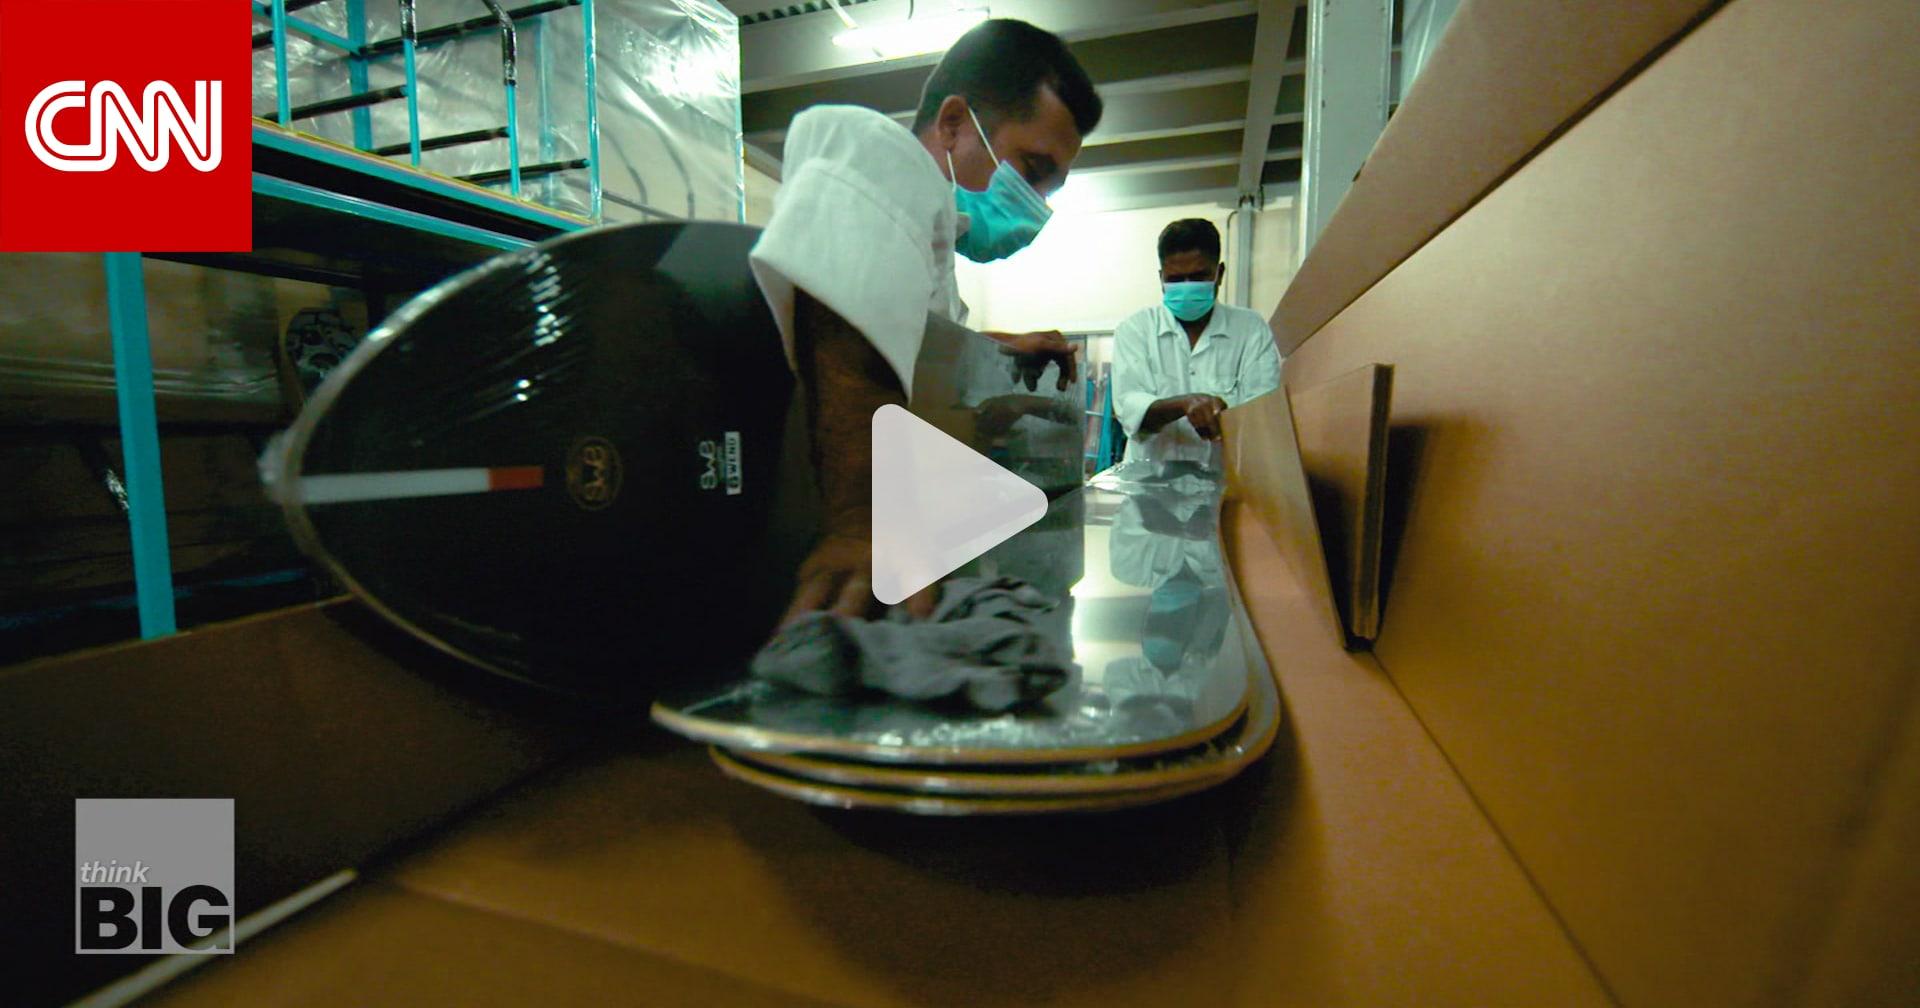 من صحراء دبي.. تظهر إحدى أكبر الشركات المصنعة لألواح التزلج على الجليد